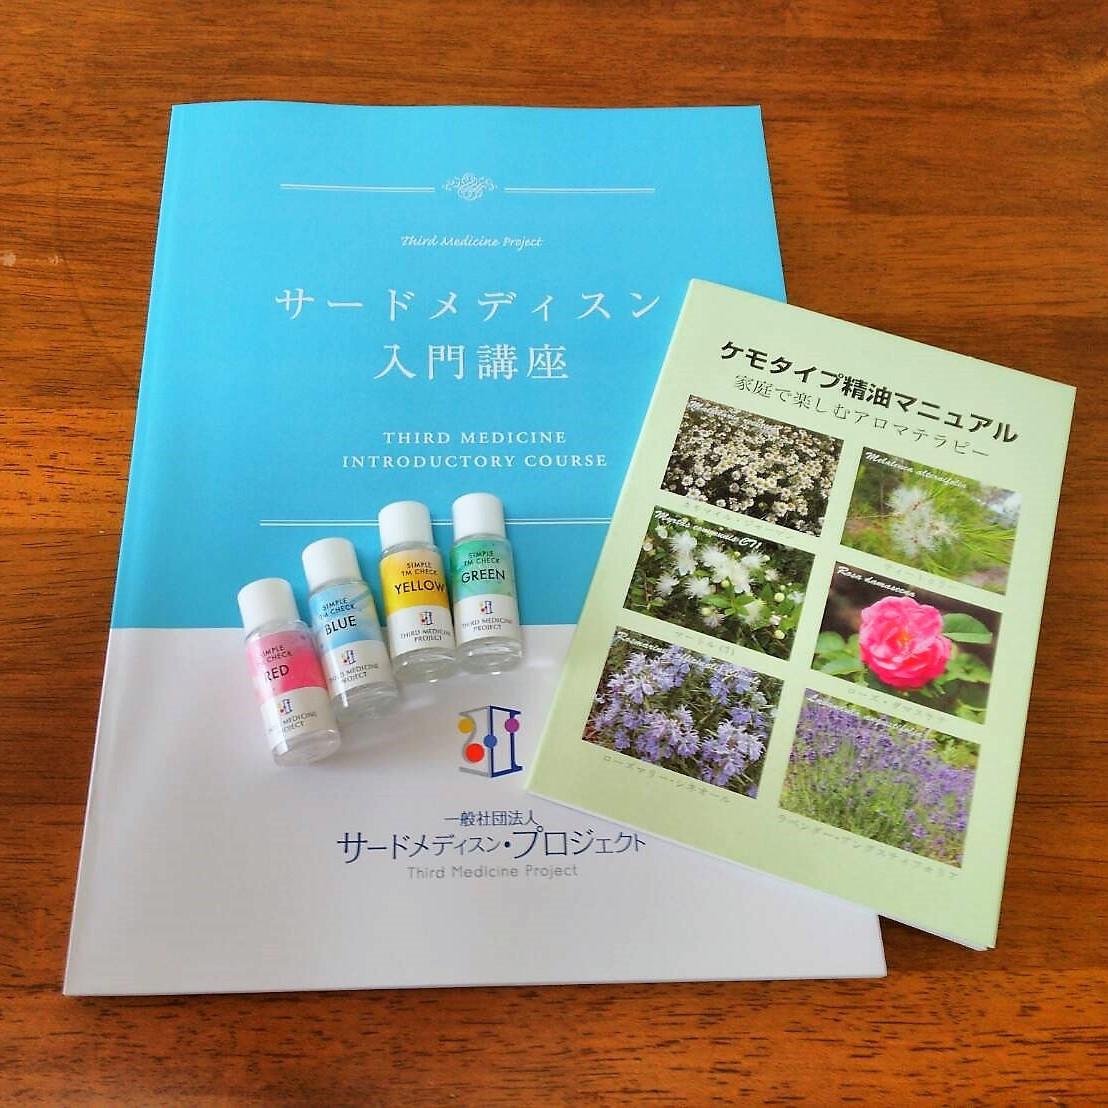 【告知】10月29日~30日 嗅覚反応分析士基礎講座 鹿児島開催決定